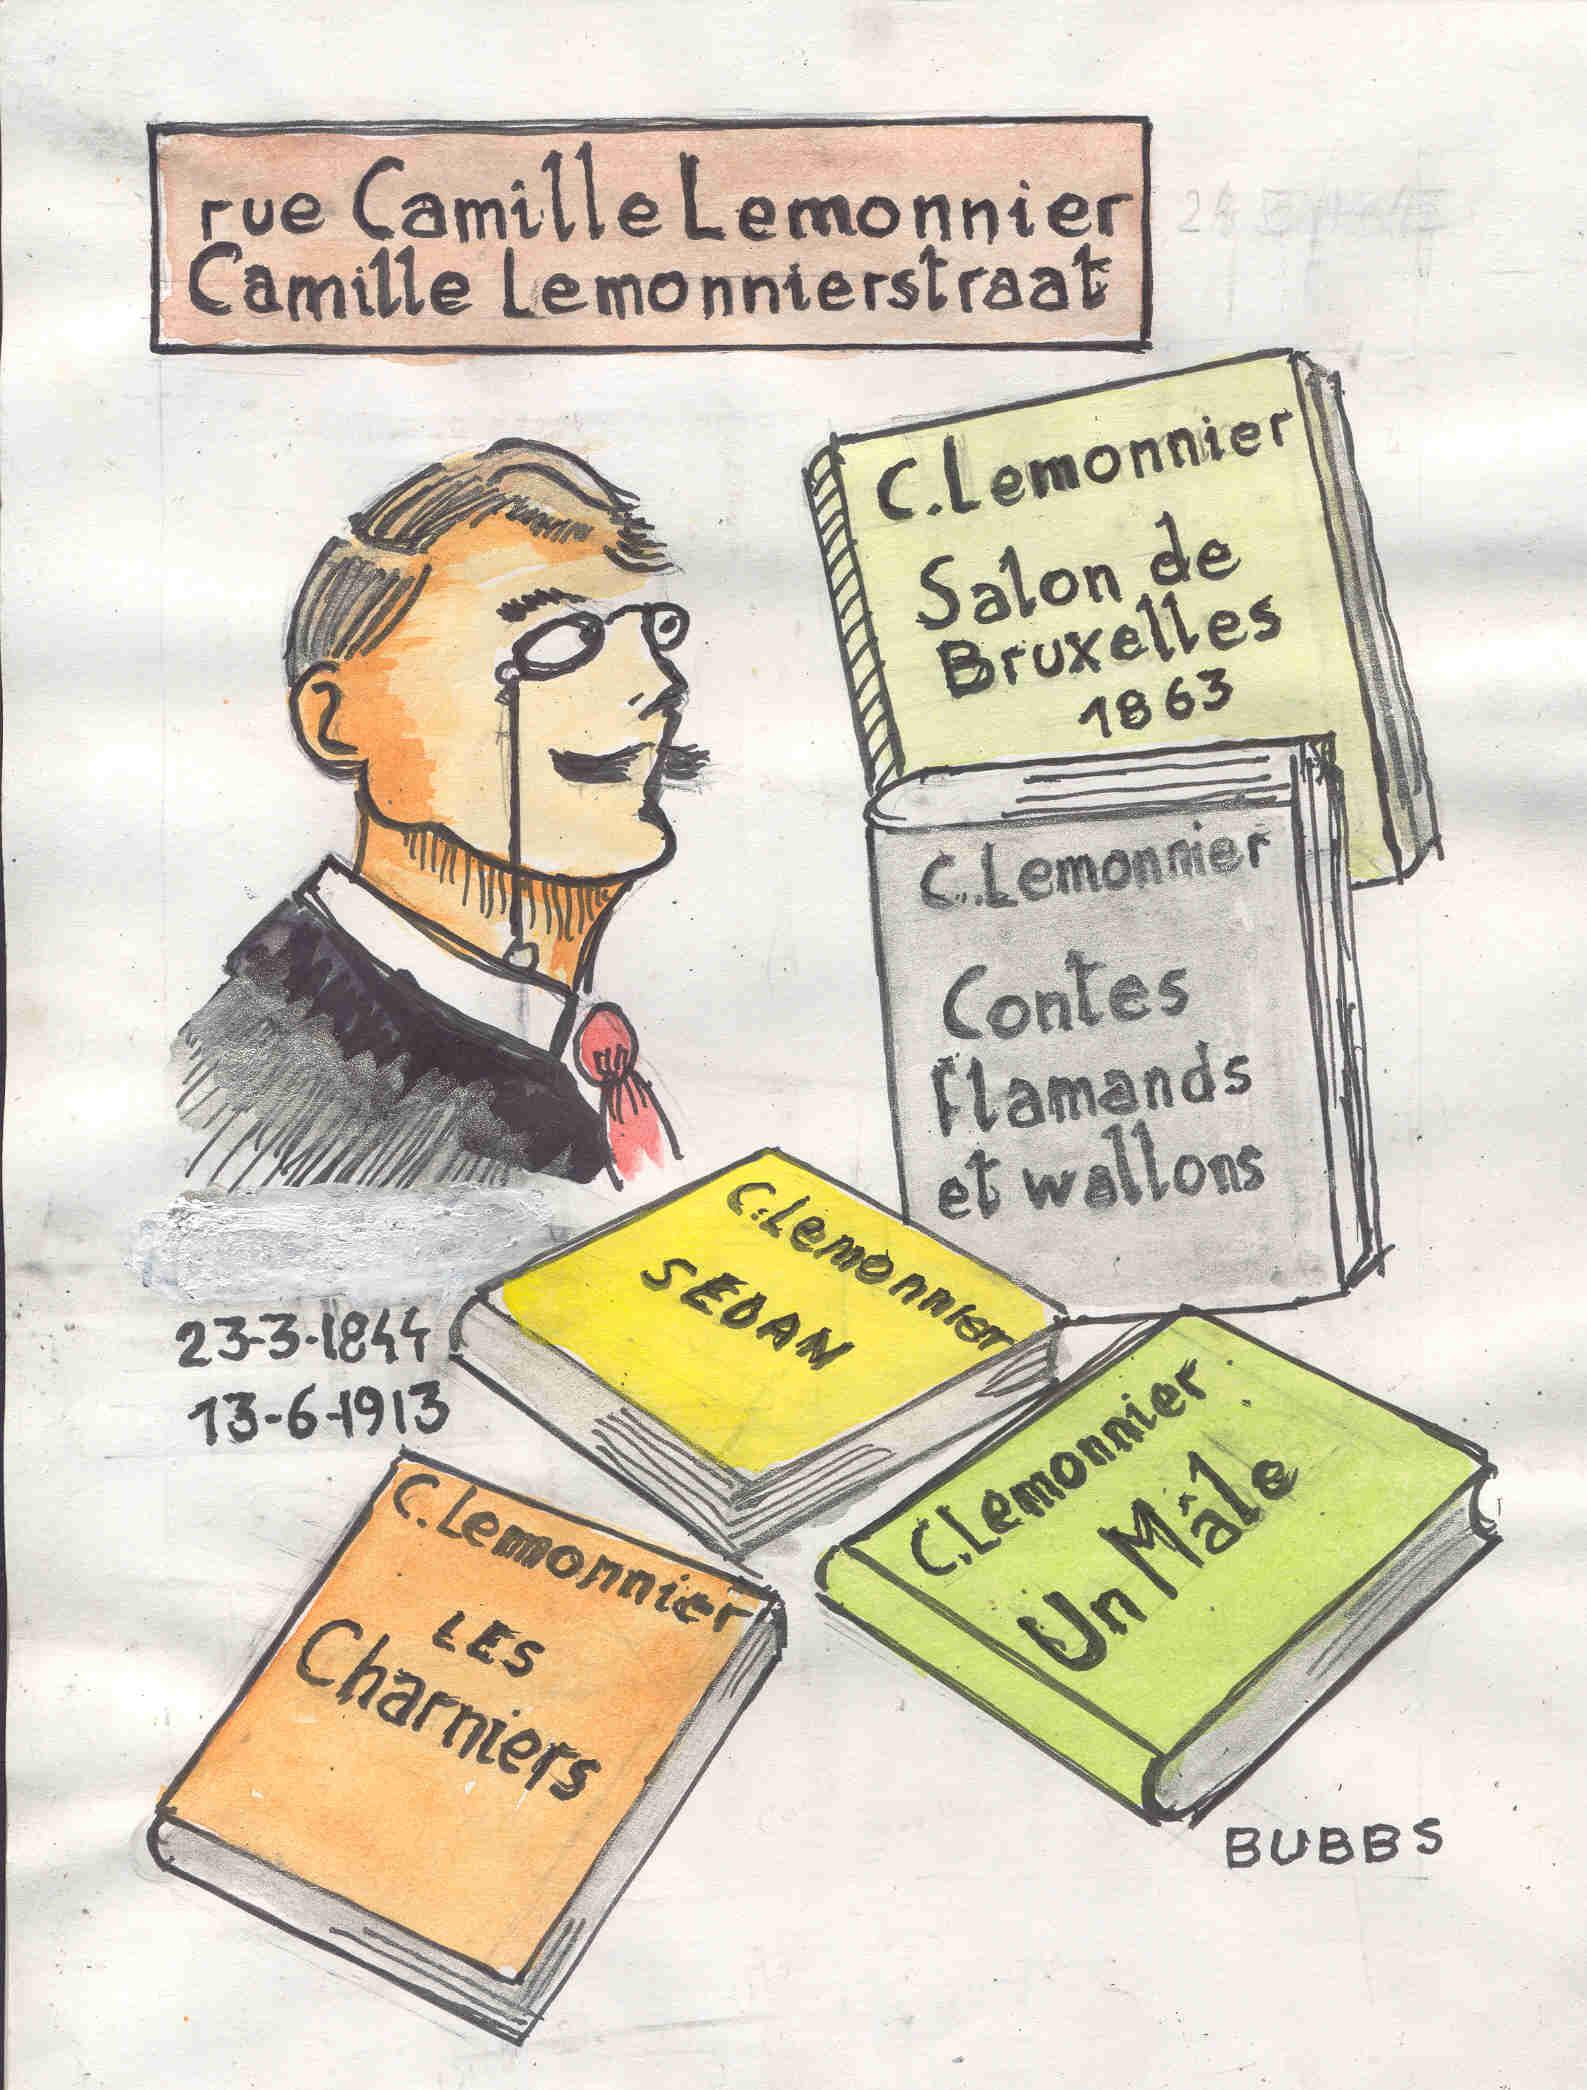 Bubbs. Rue Camille Lemonnier